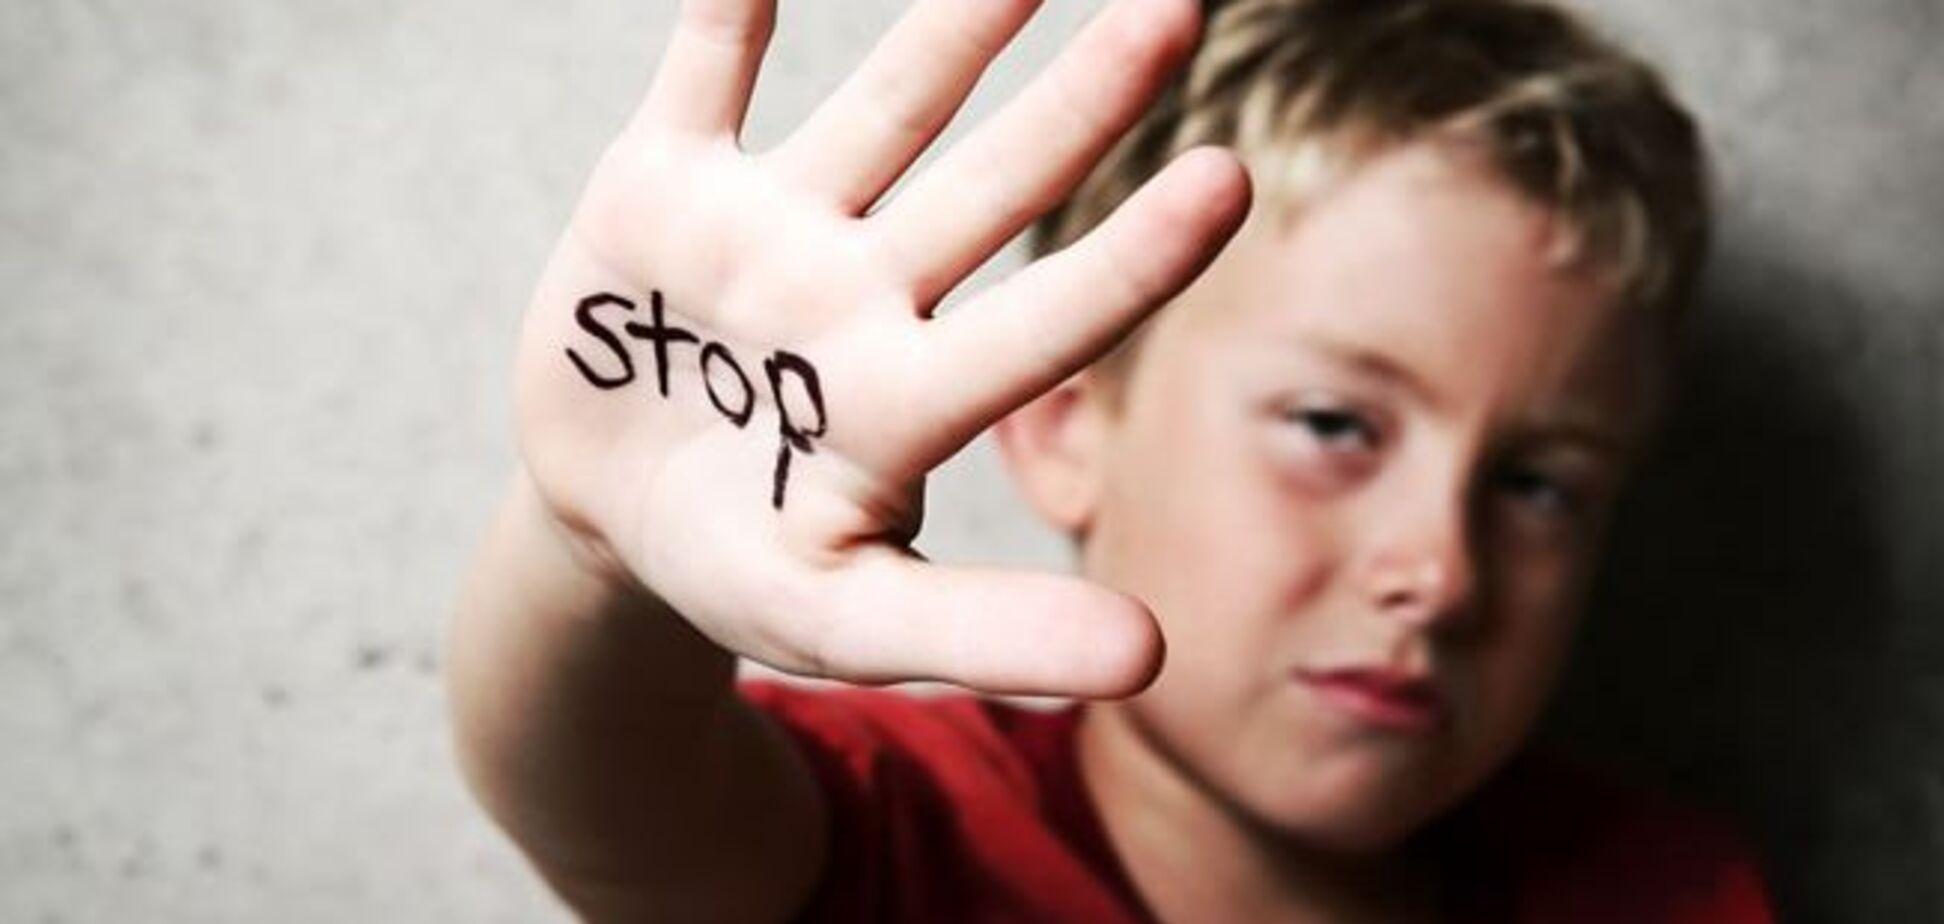 'Каждые 5 минут – насилие над ребенком': Кулеба озвучил жуткую статистику